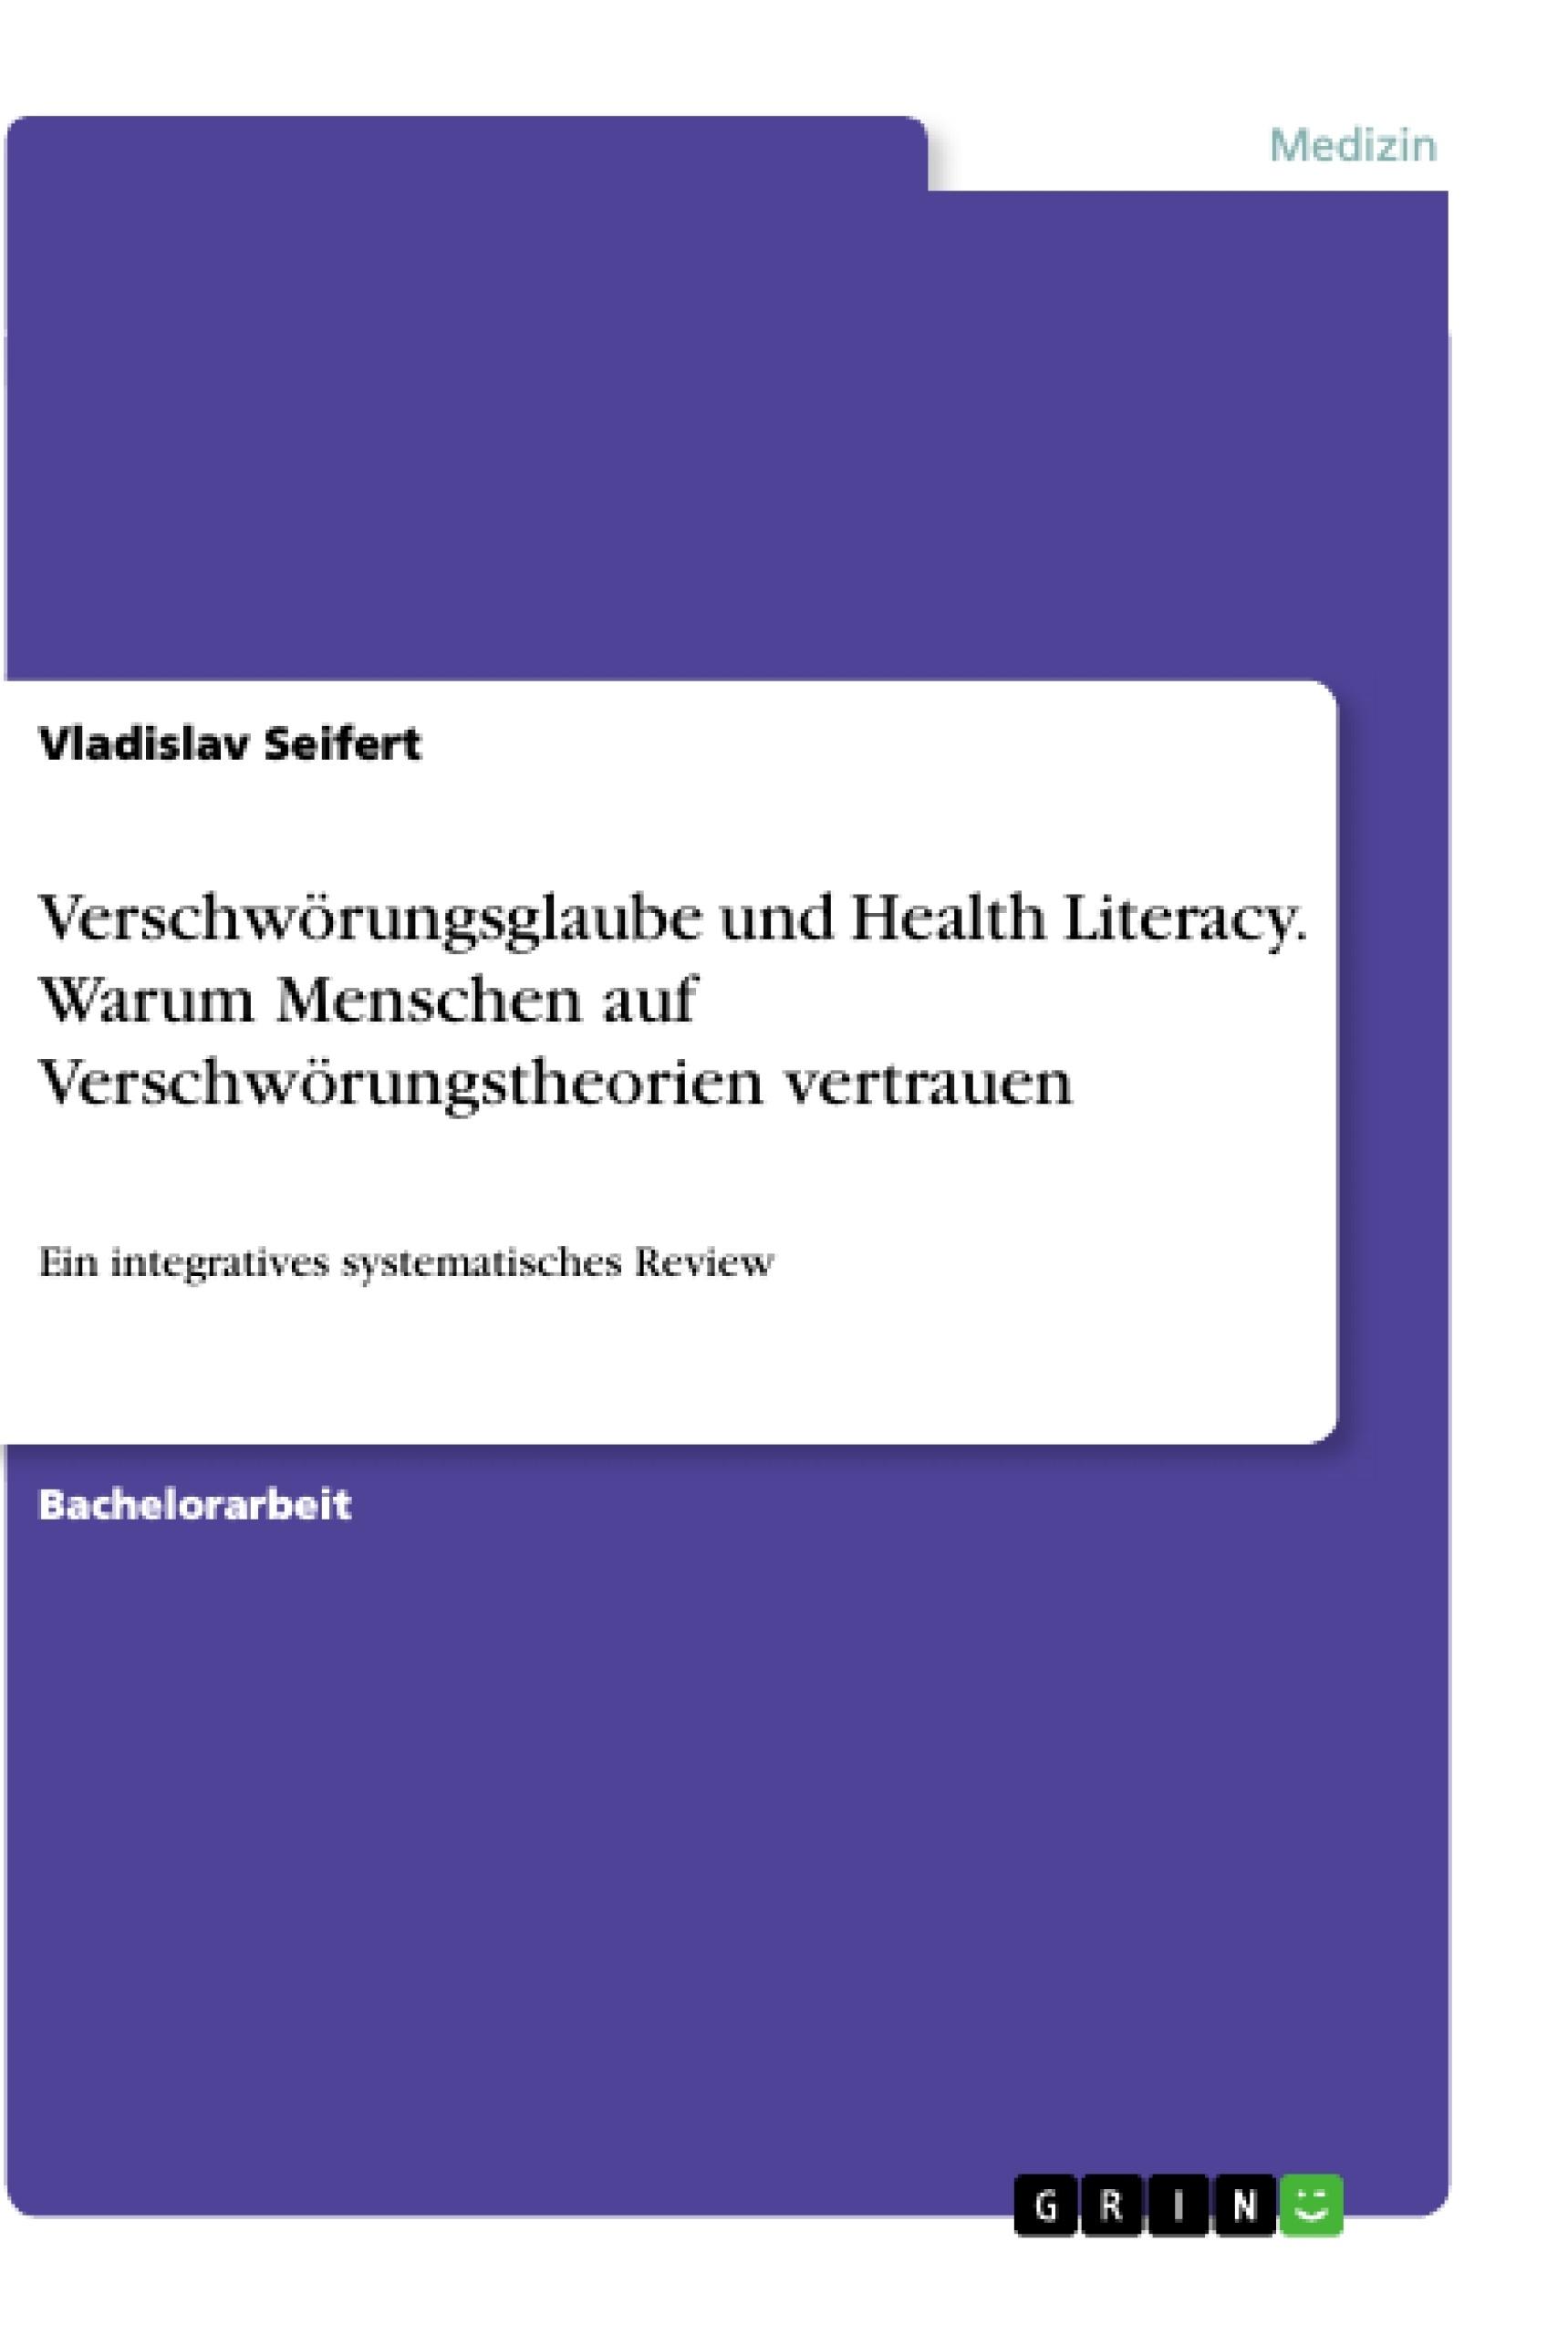 Titel: Verschwörungsglaube und Health Literacy. Warum Menschen auf Verschwörungstheorien vertrauen